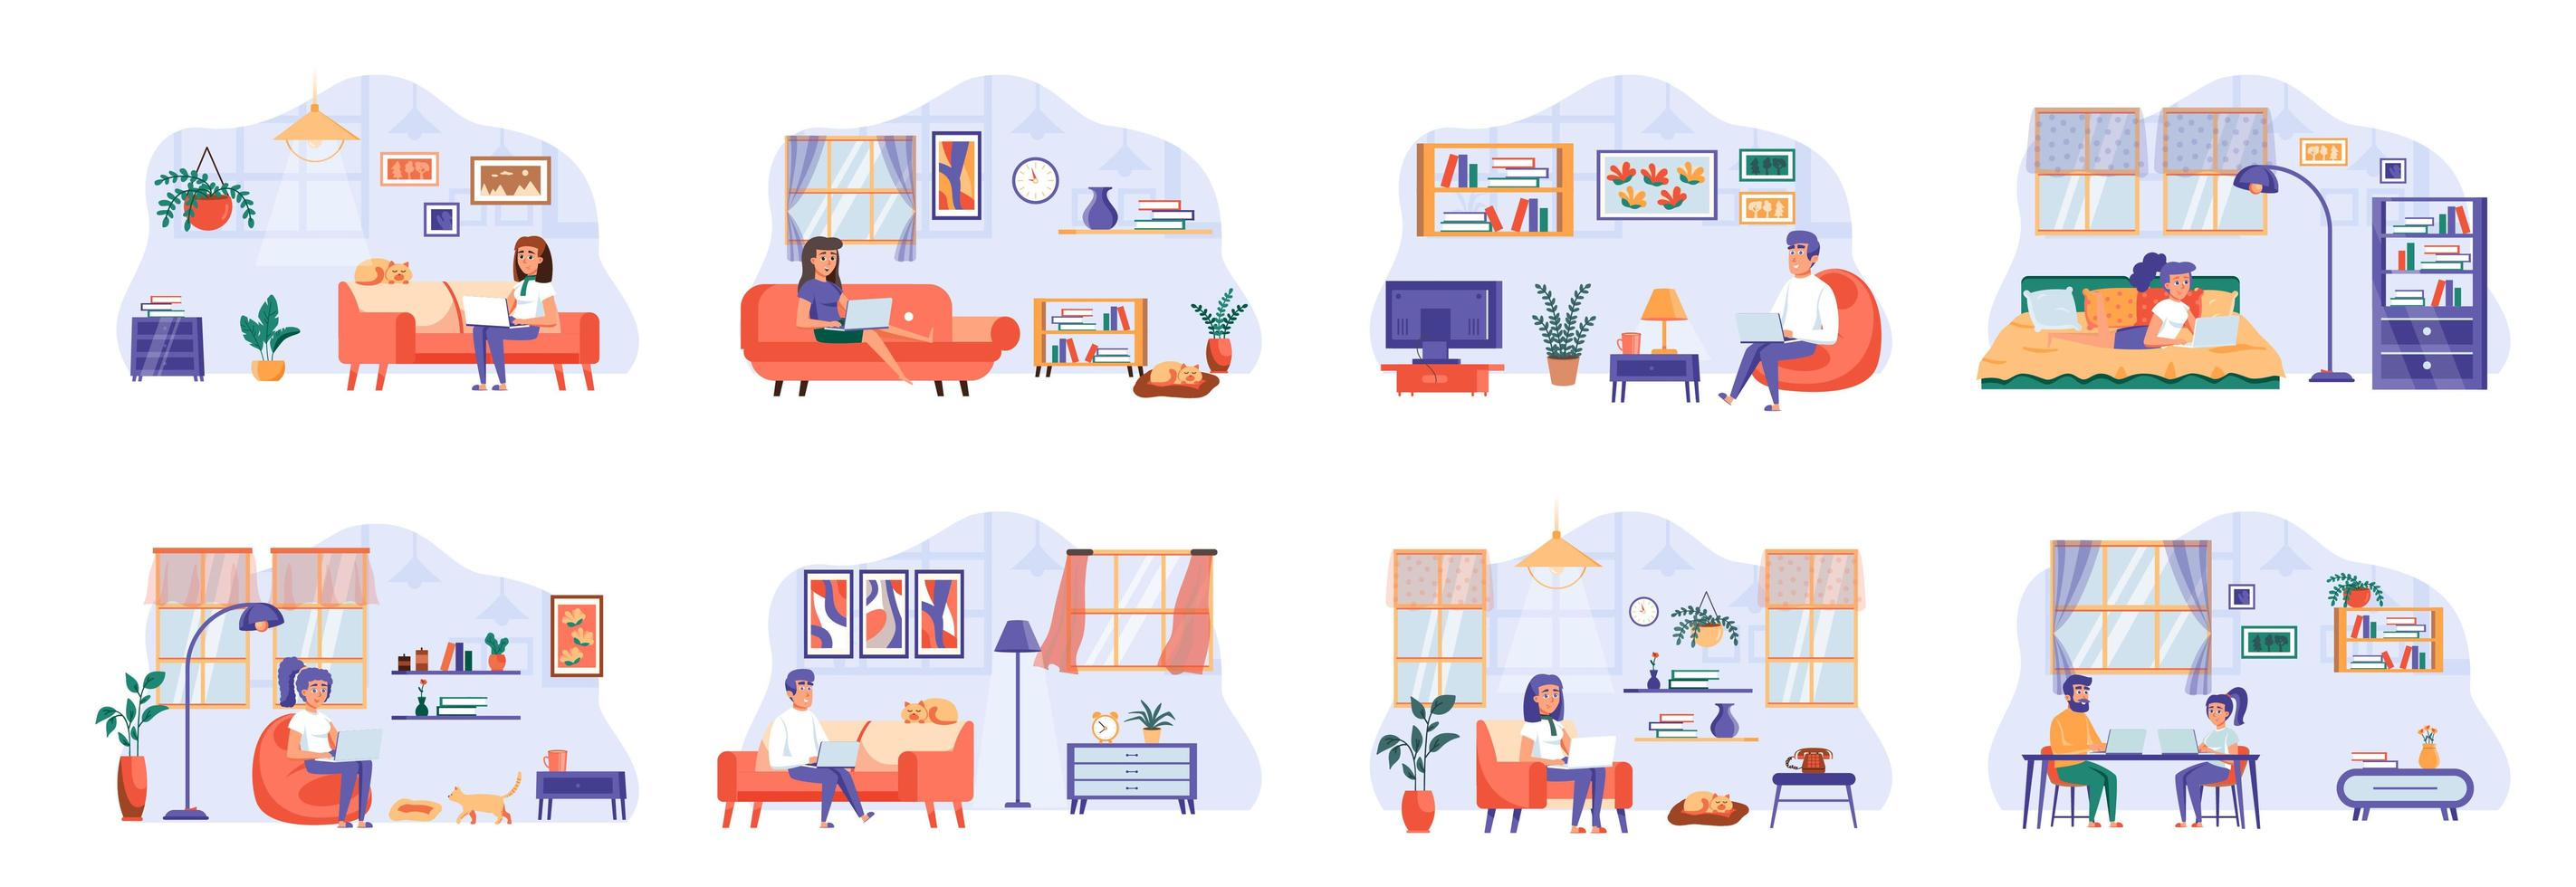 Menschen bleiben zu Hause Szenen bündeln sich mit Menschen Charakteren. vektor